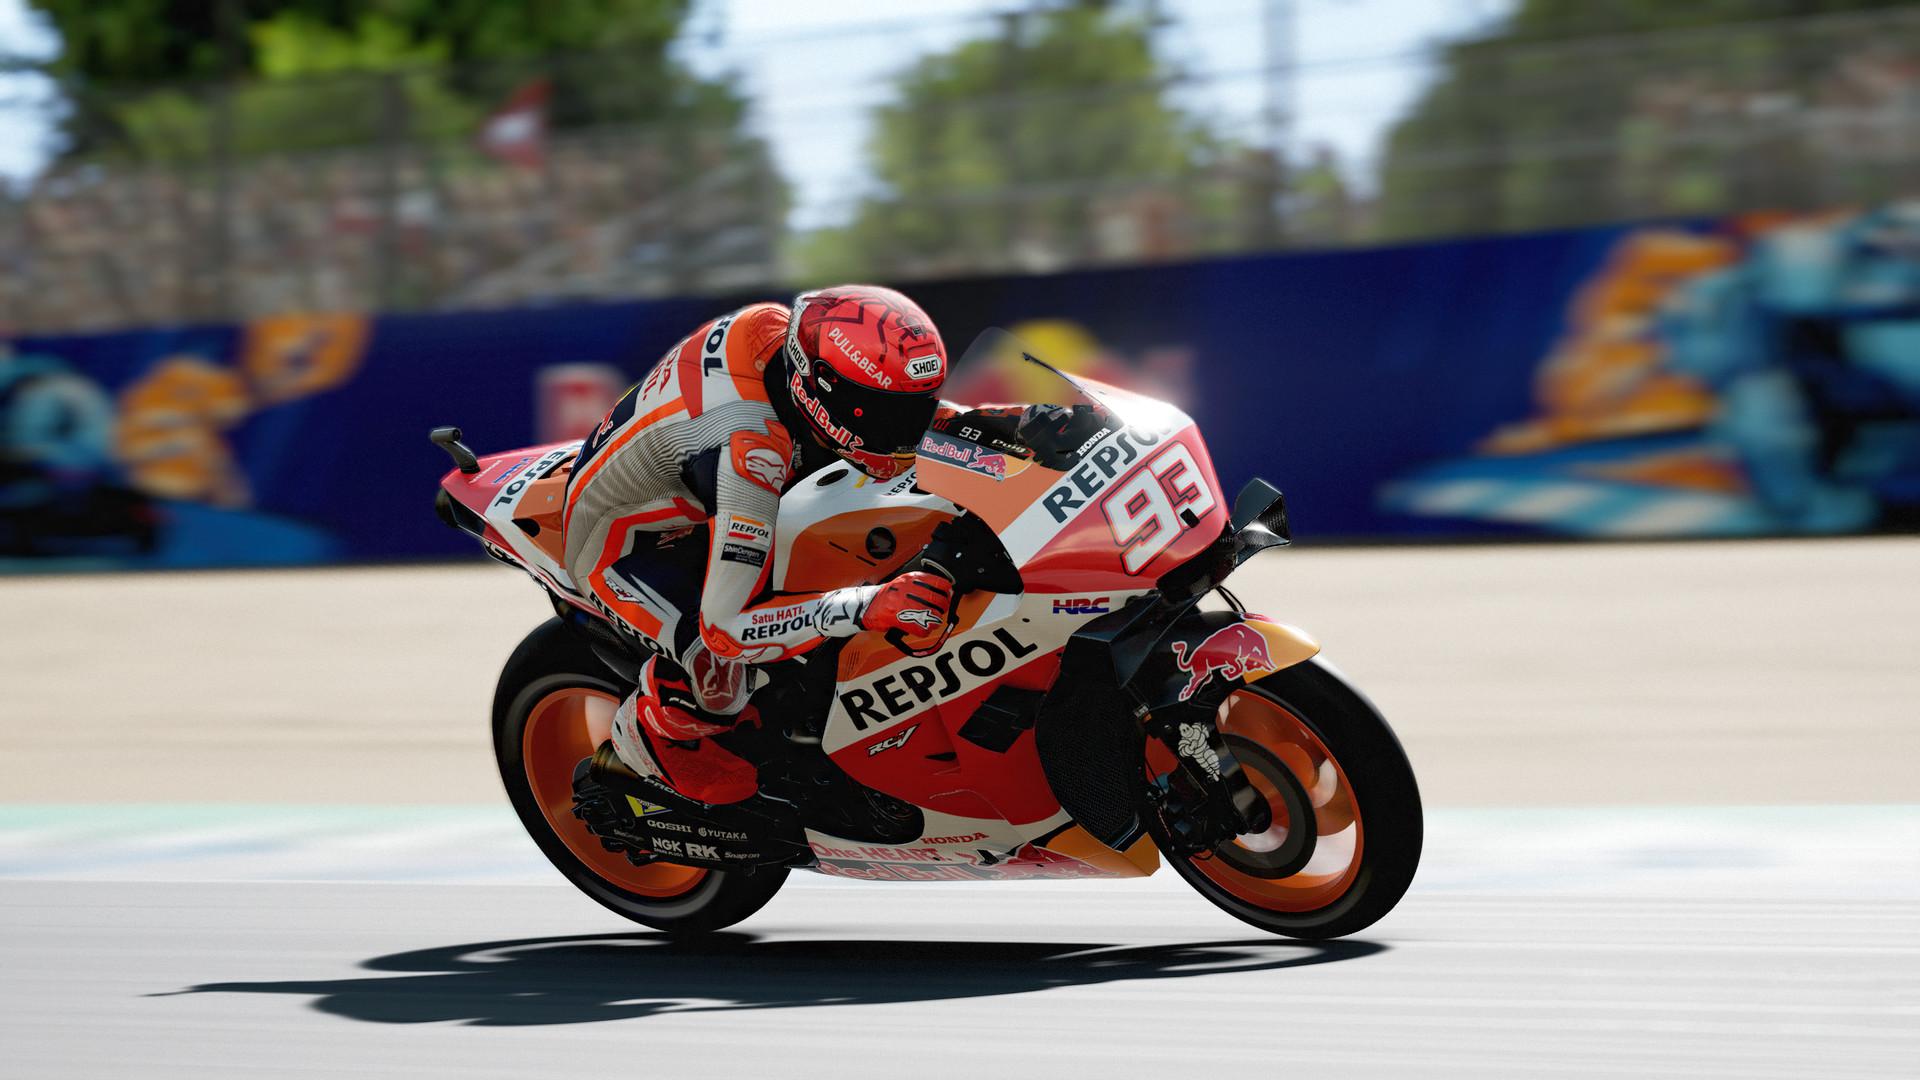 世界摩托大奖赛21/MotoGP21插图7